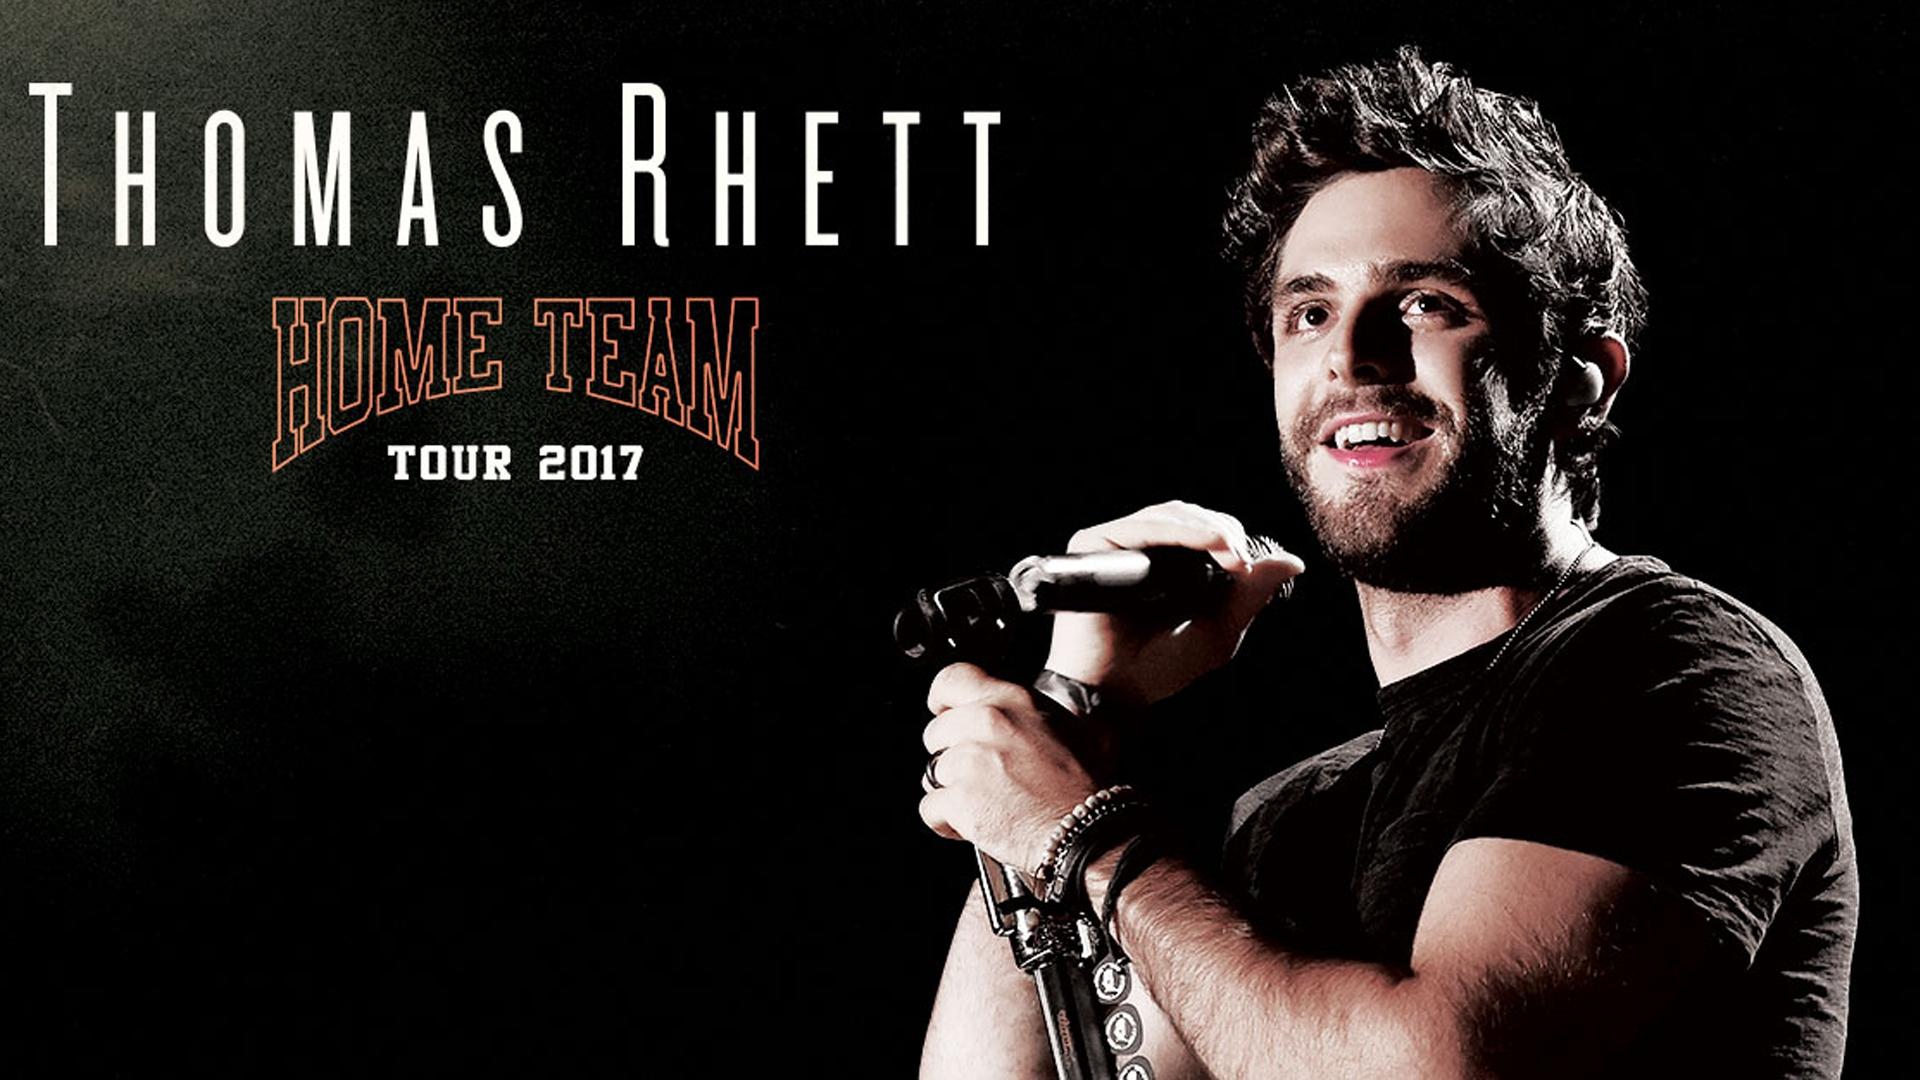 WATCH: Thomas Rhett & Home Team Tour Openers Cover Bruno Mars